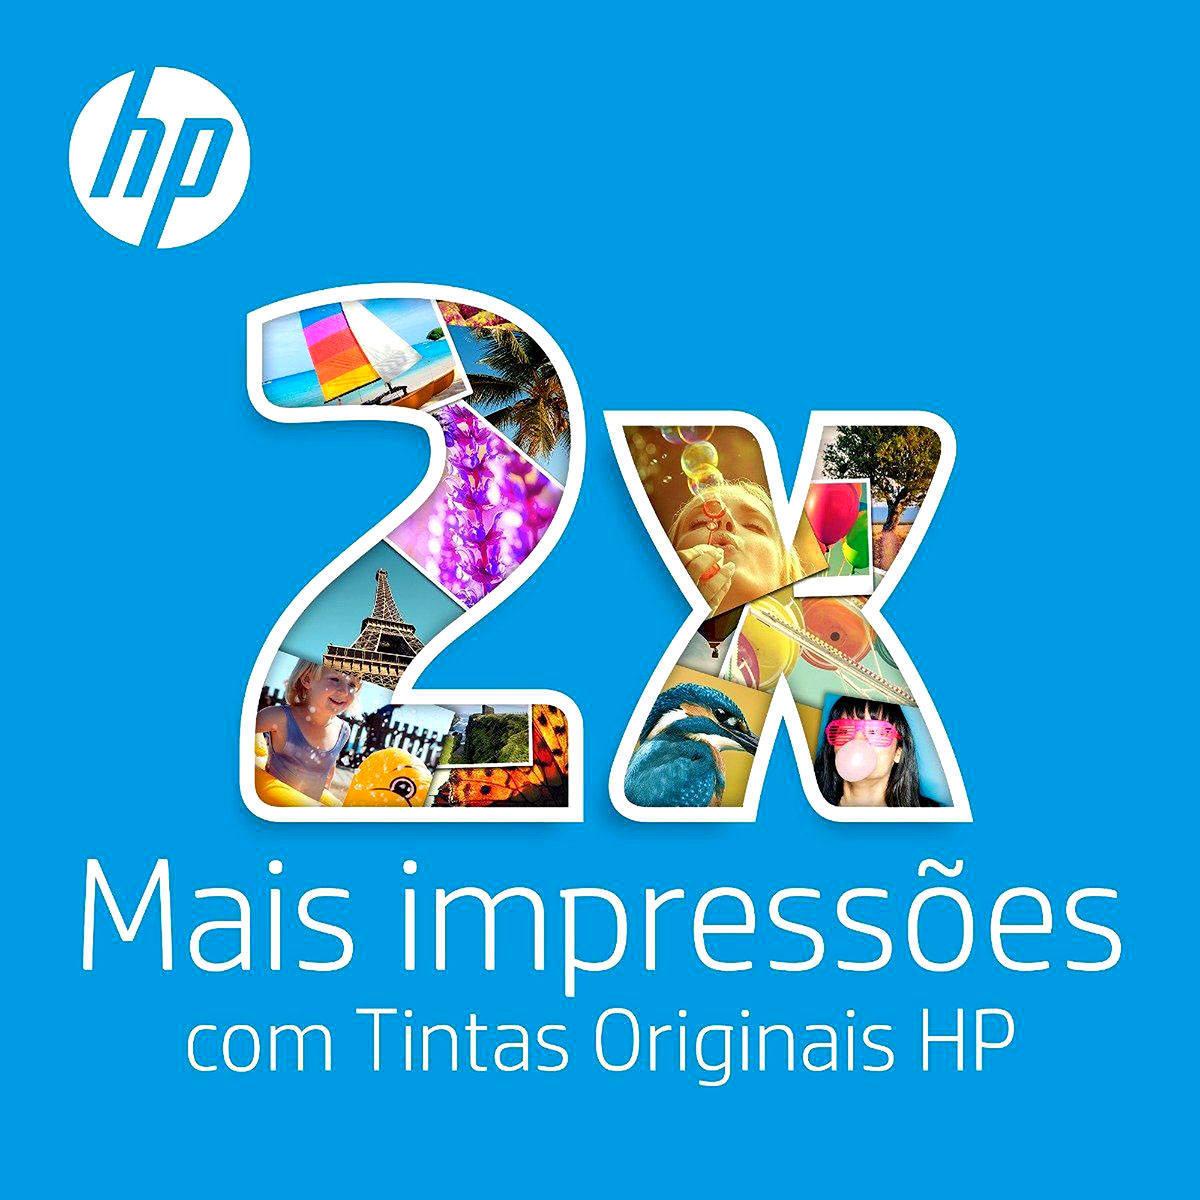 Kit Cartucho de Tinta HP 60 Preto + 60 Colorido para HP Deskjet D1660 D2560 F4280 Photosmart C4680 ENVY D410a Original